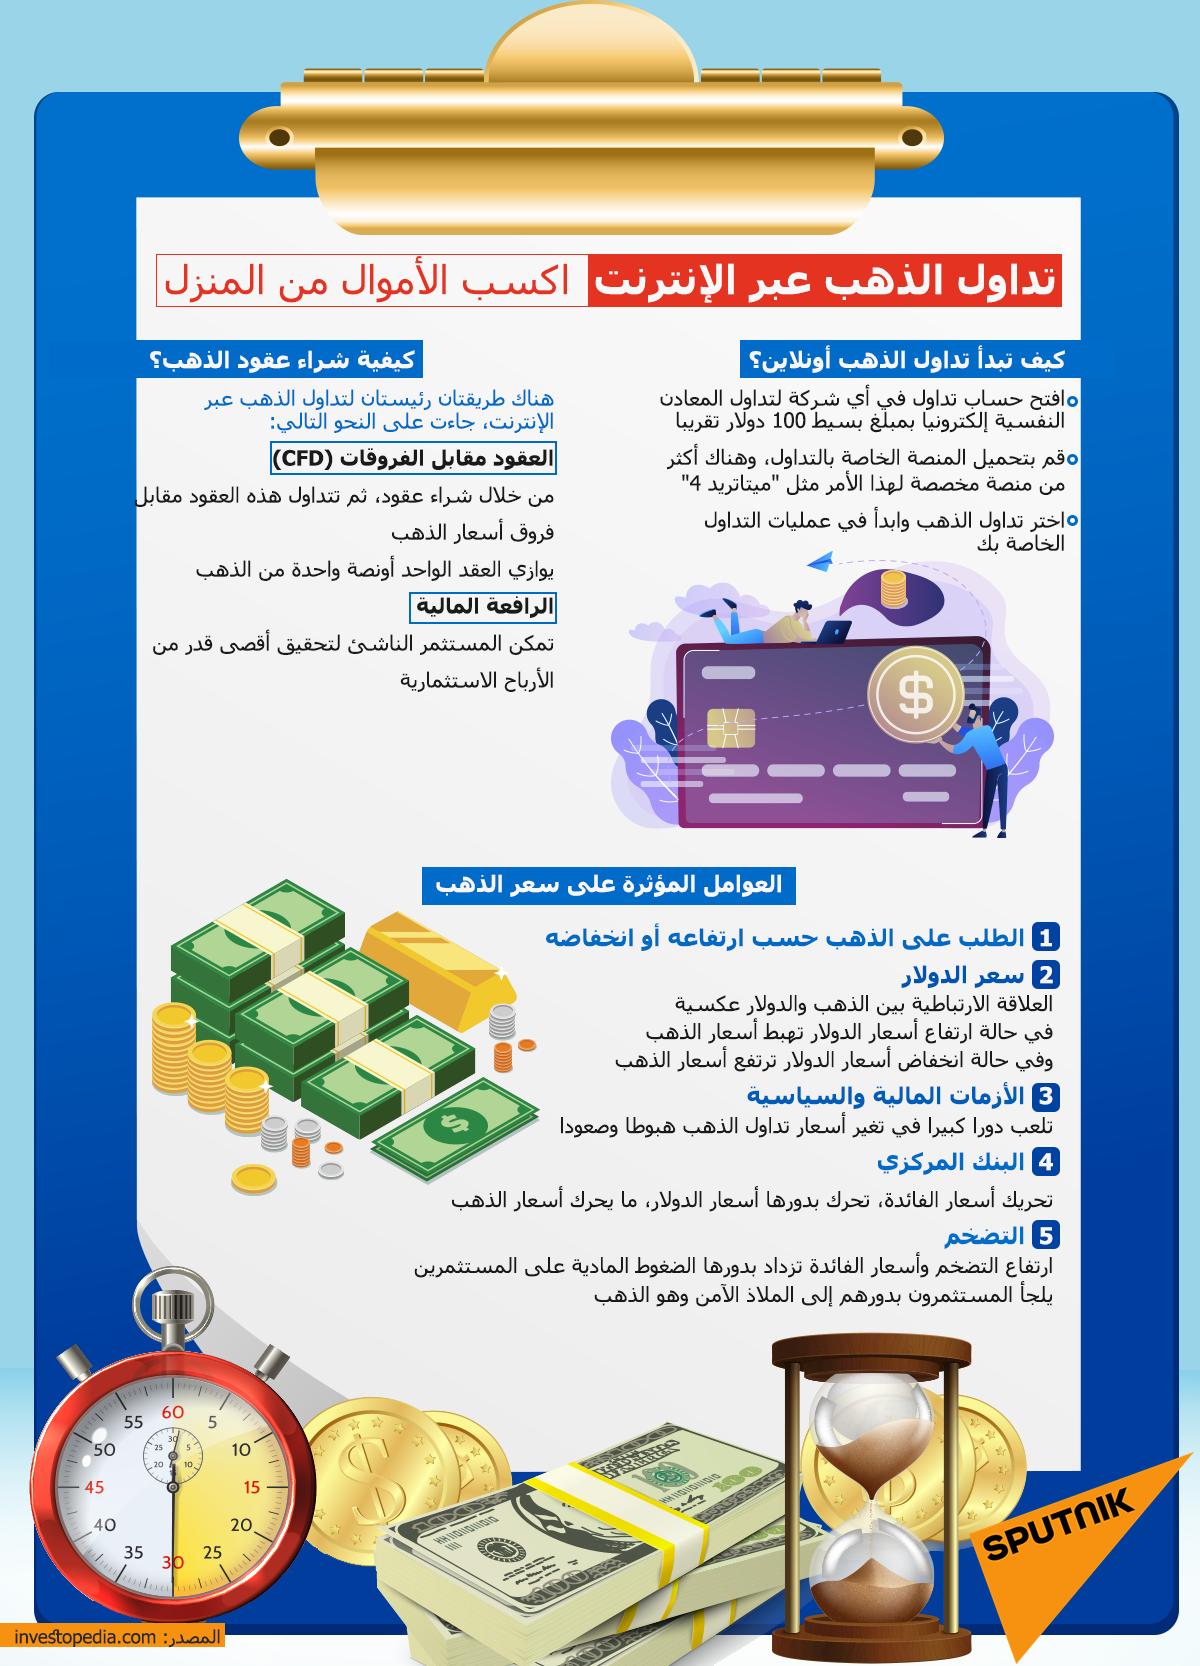 تداول الذهب عبر الإنترنت... اكسب الأموال من المنزل